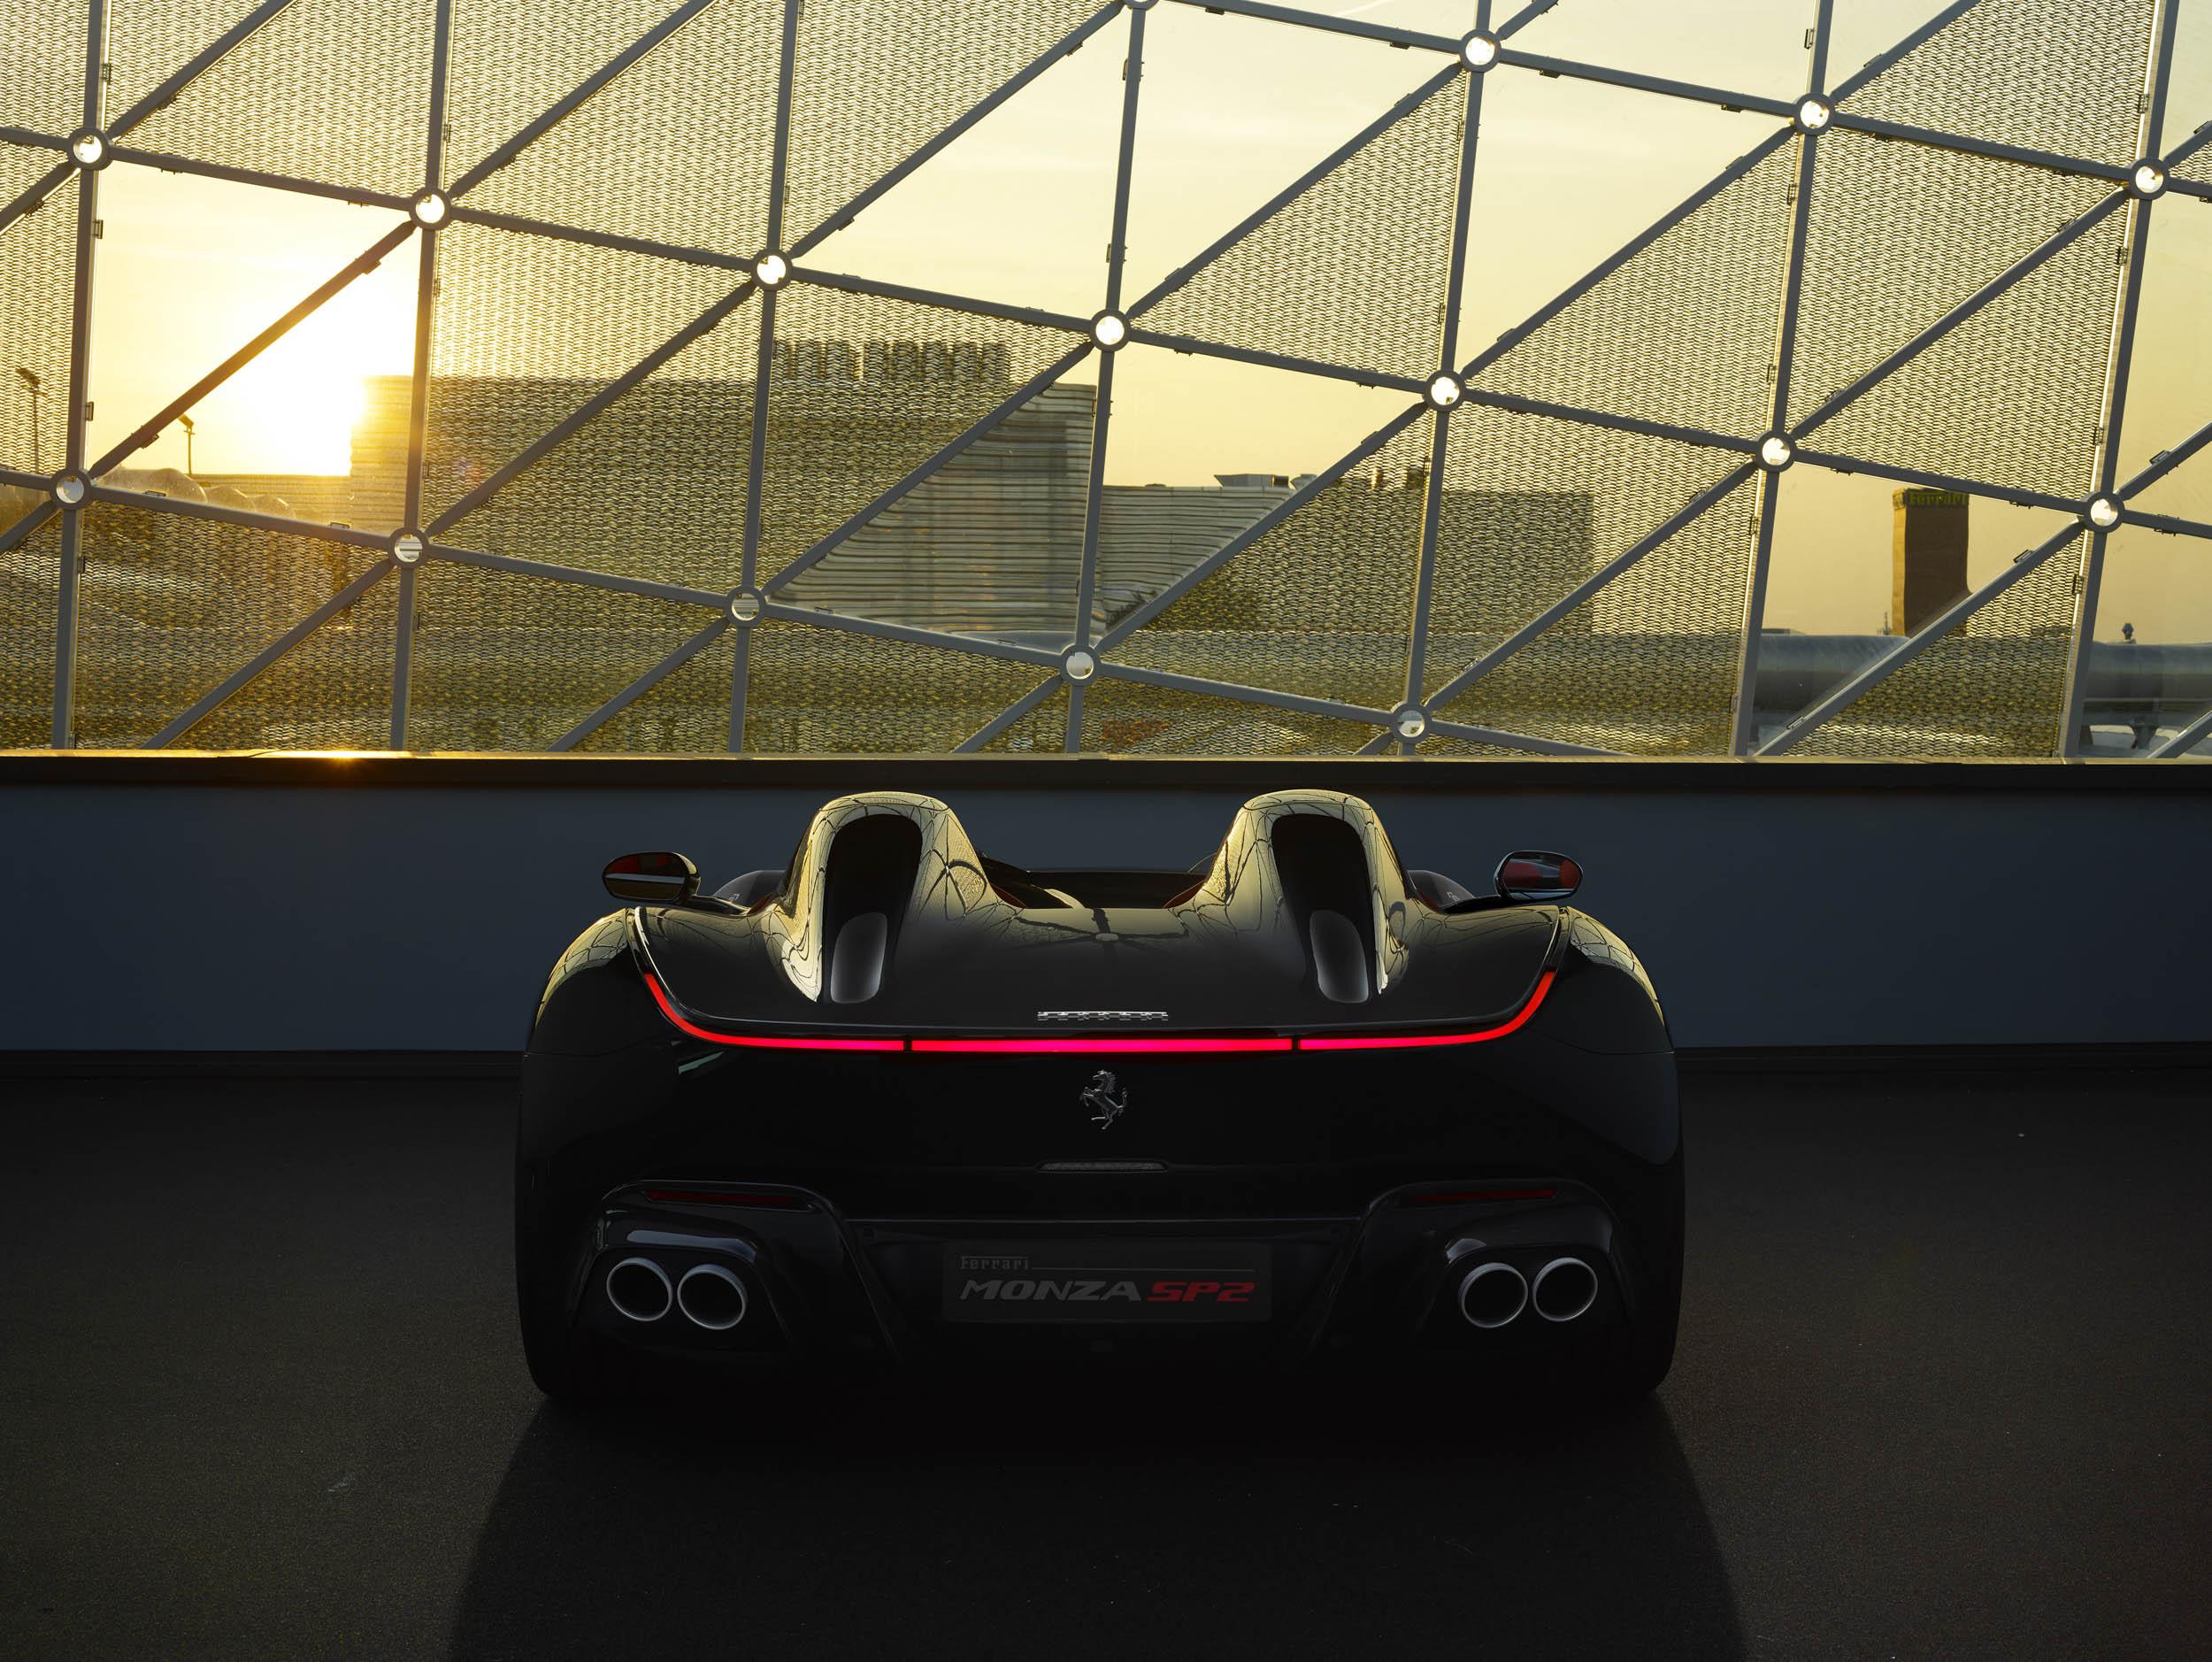 Ferrari Monza SP2 rear